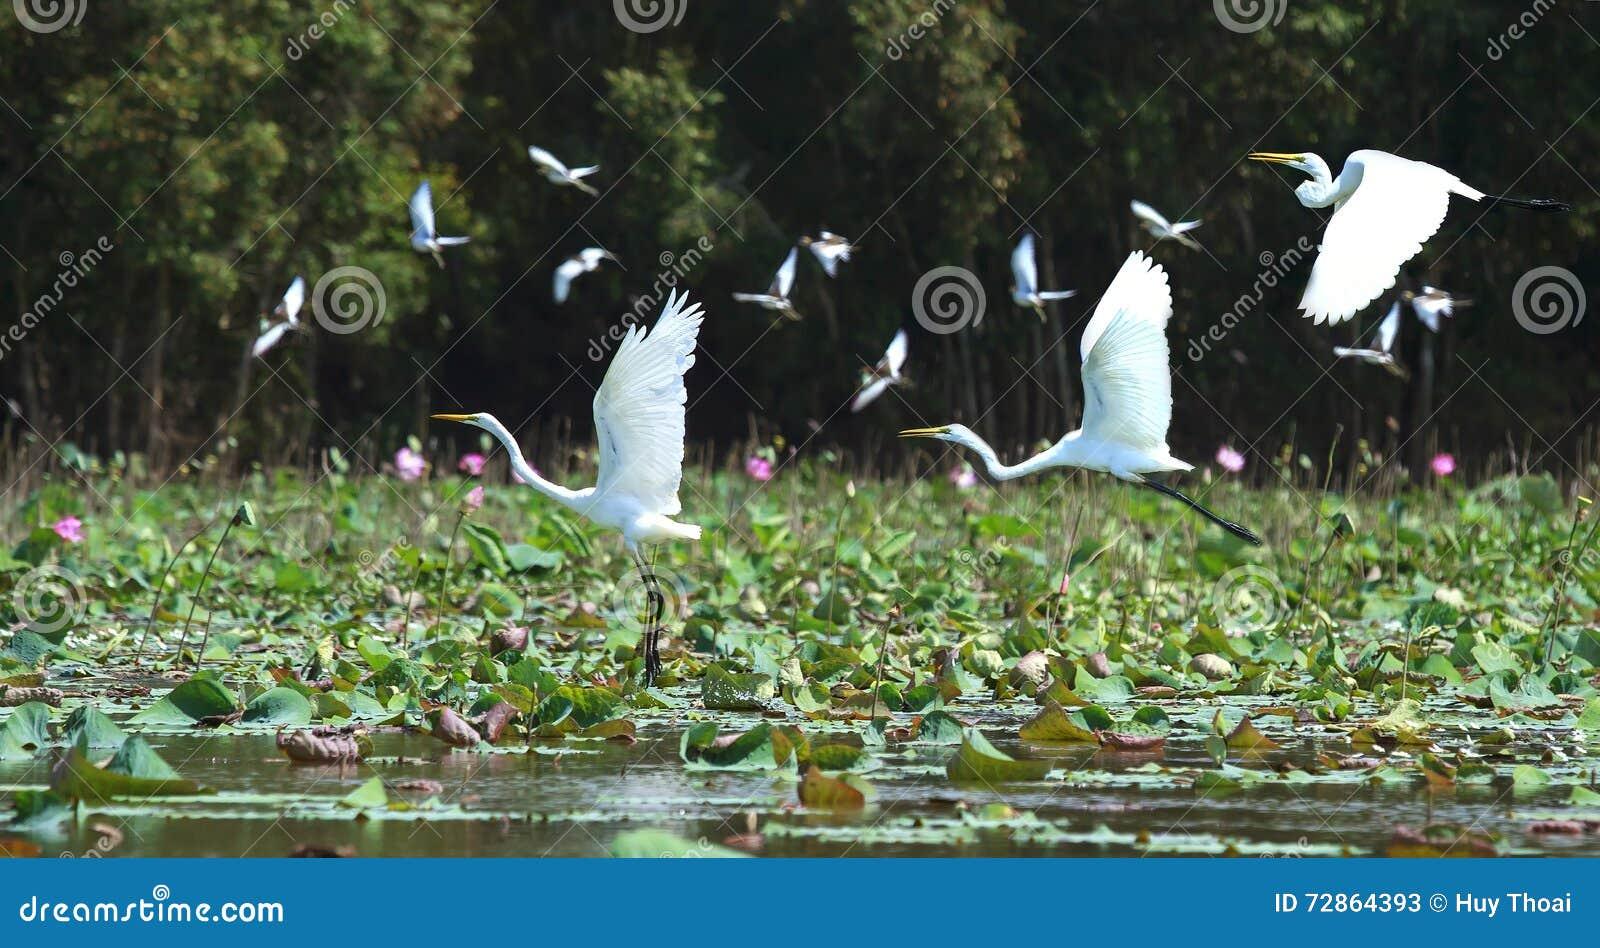 White stork in flight above nest